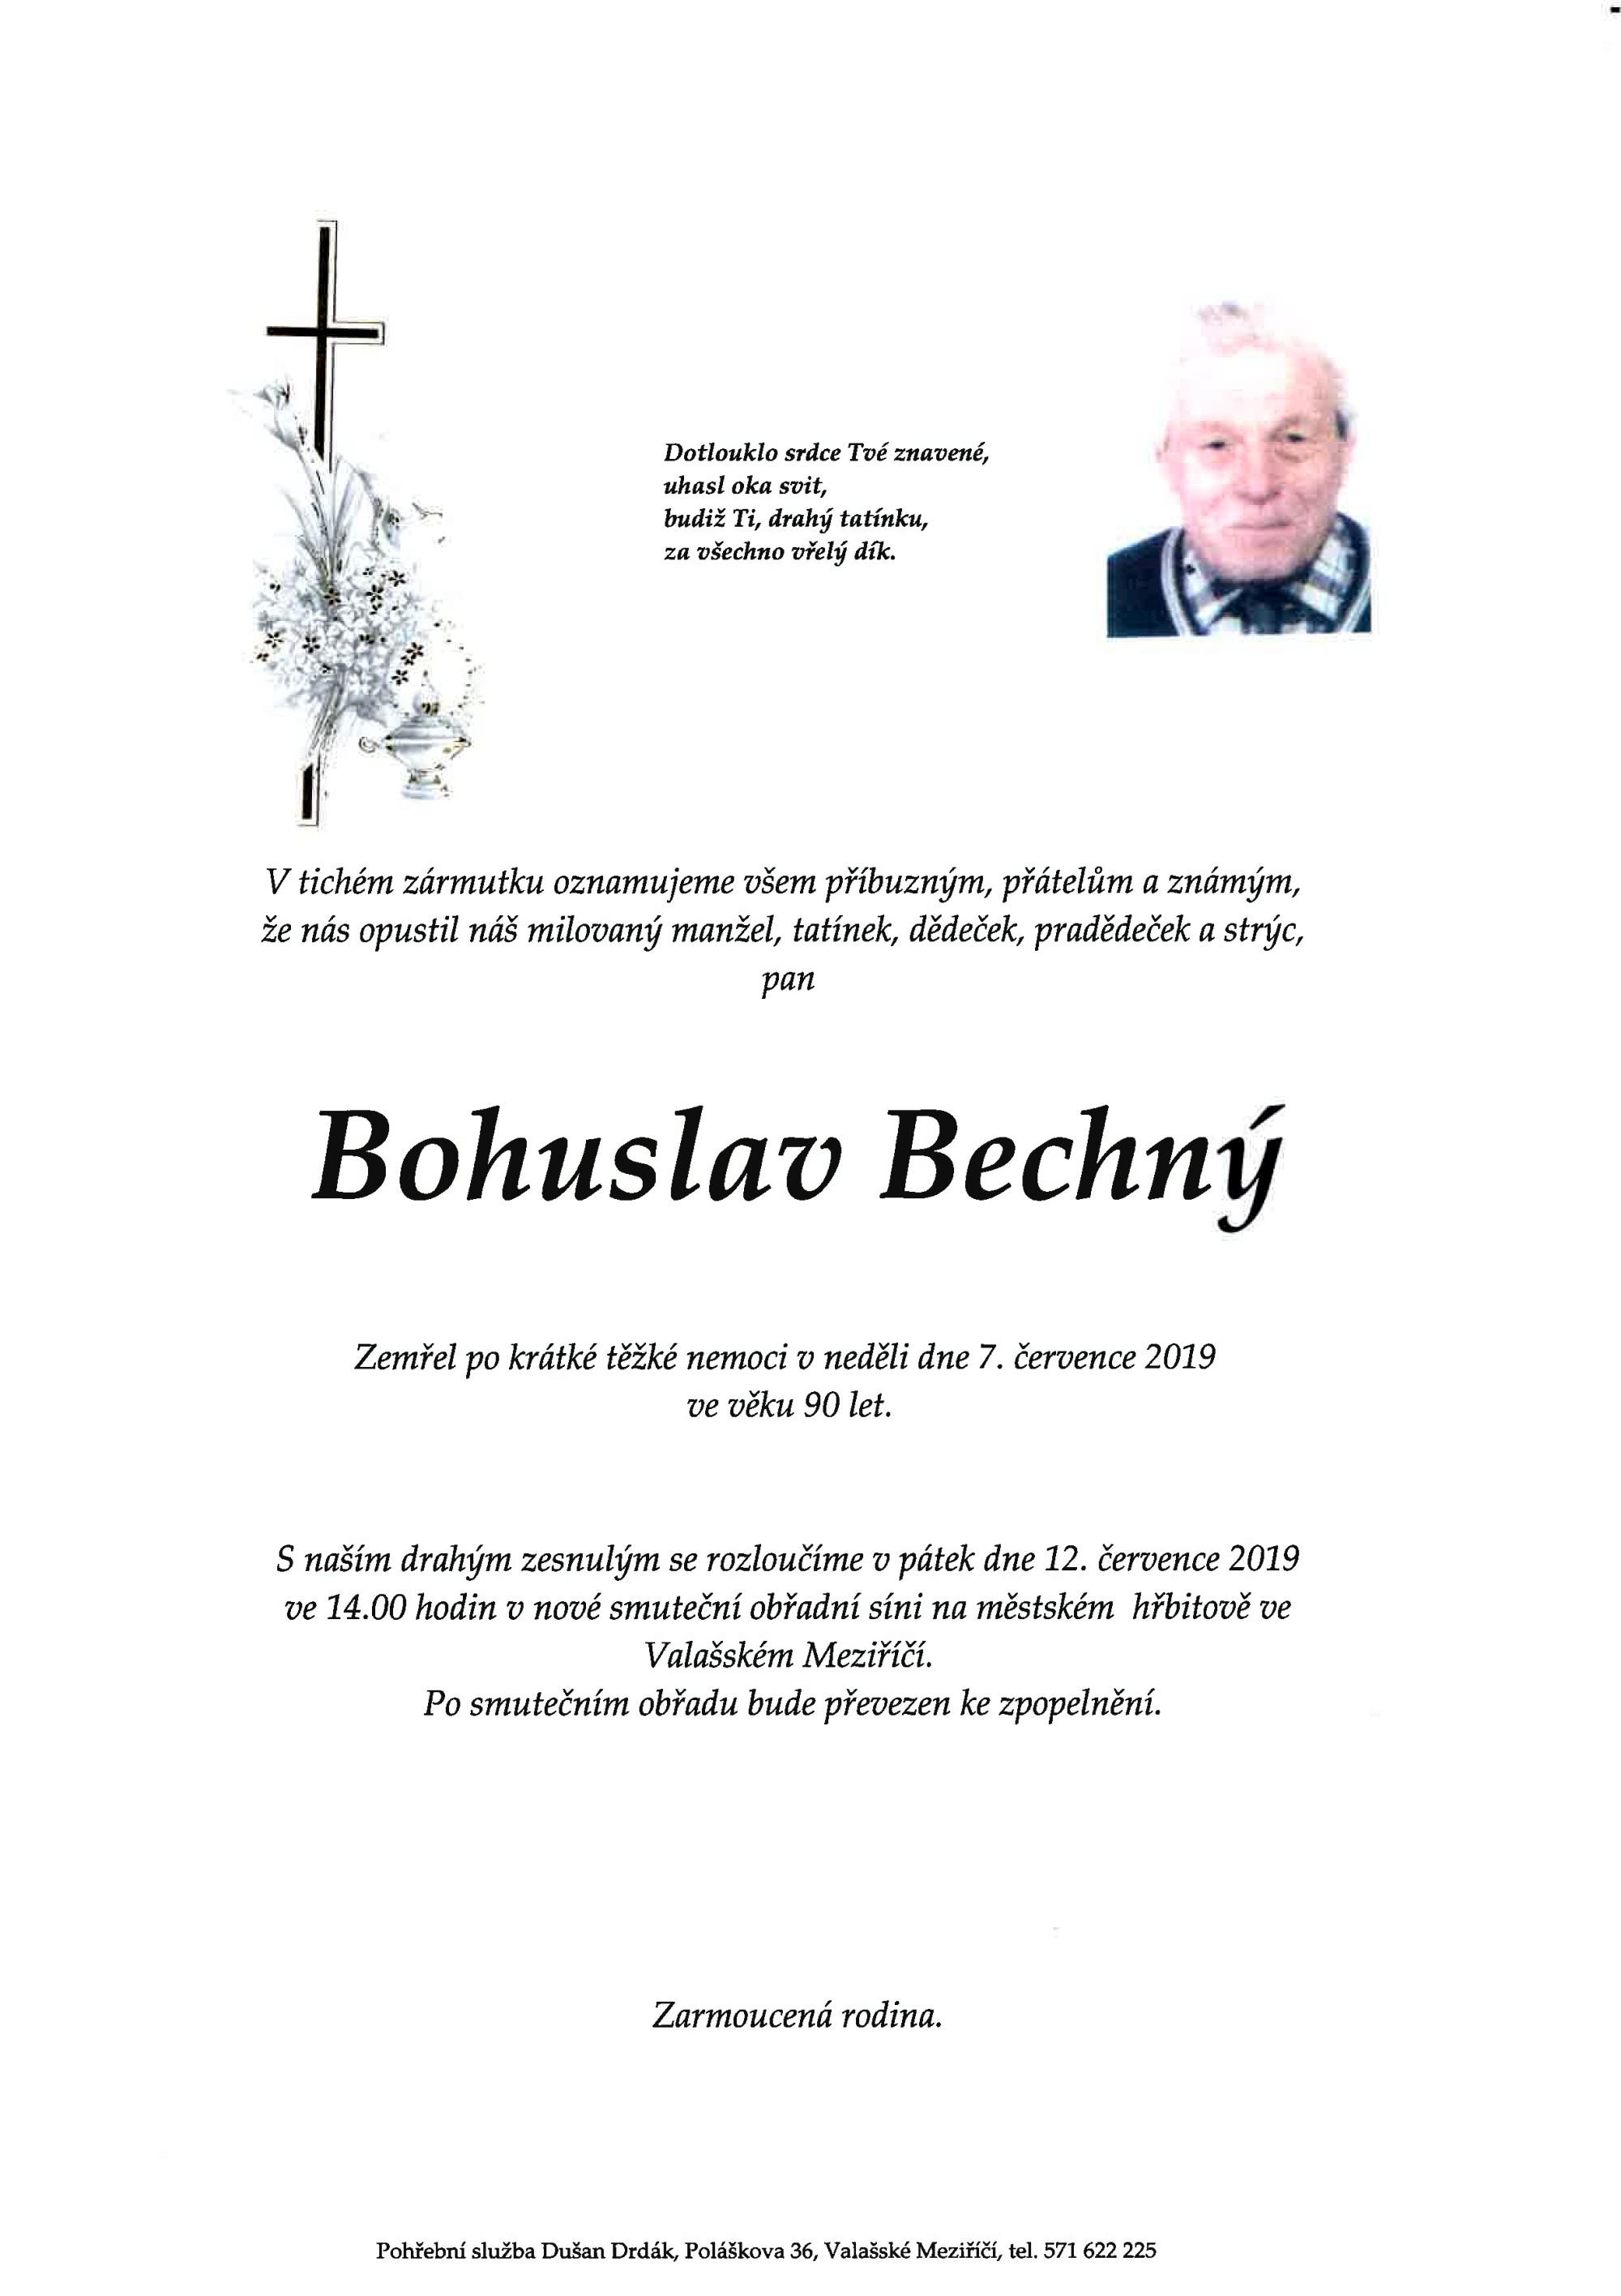 Bohuslav Bechný